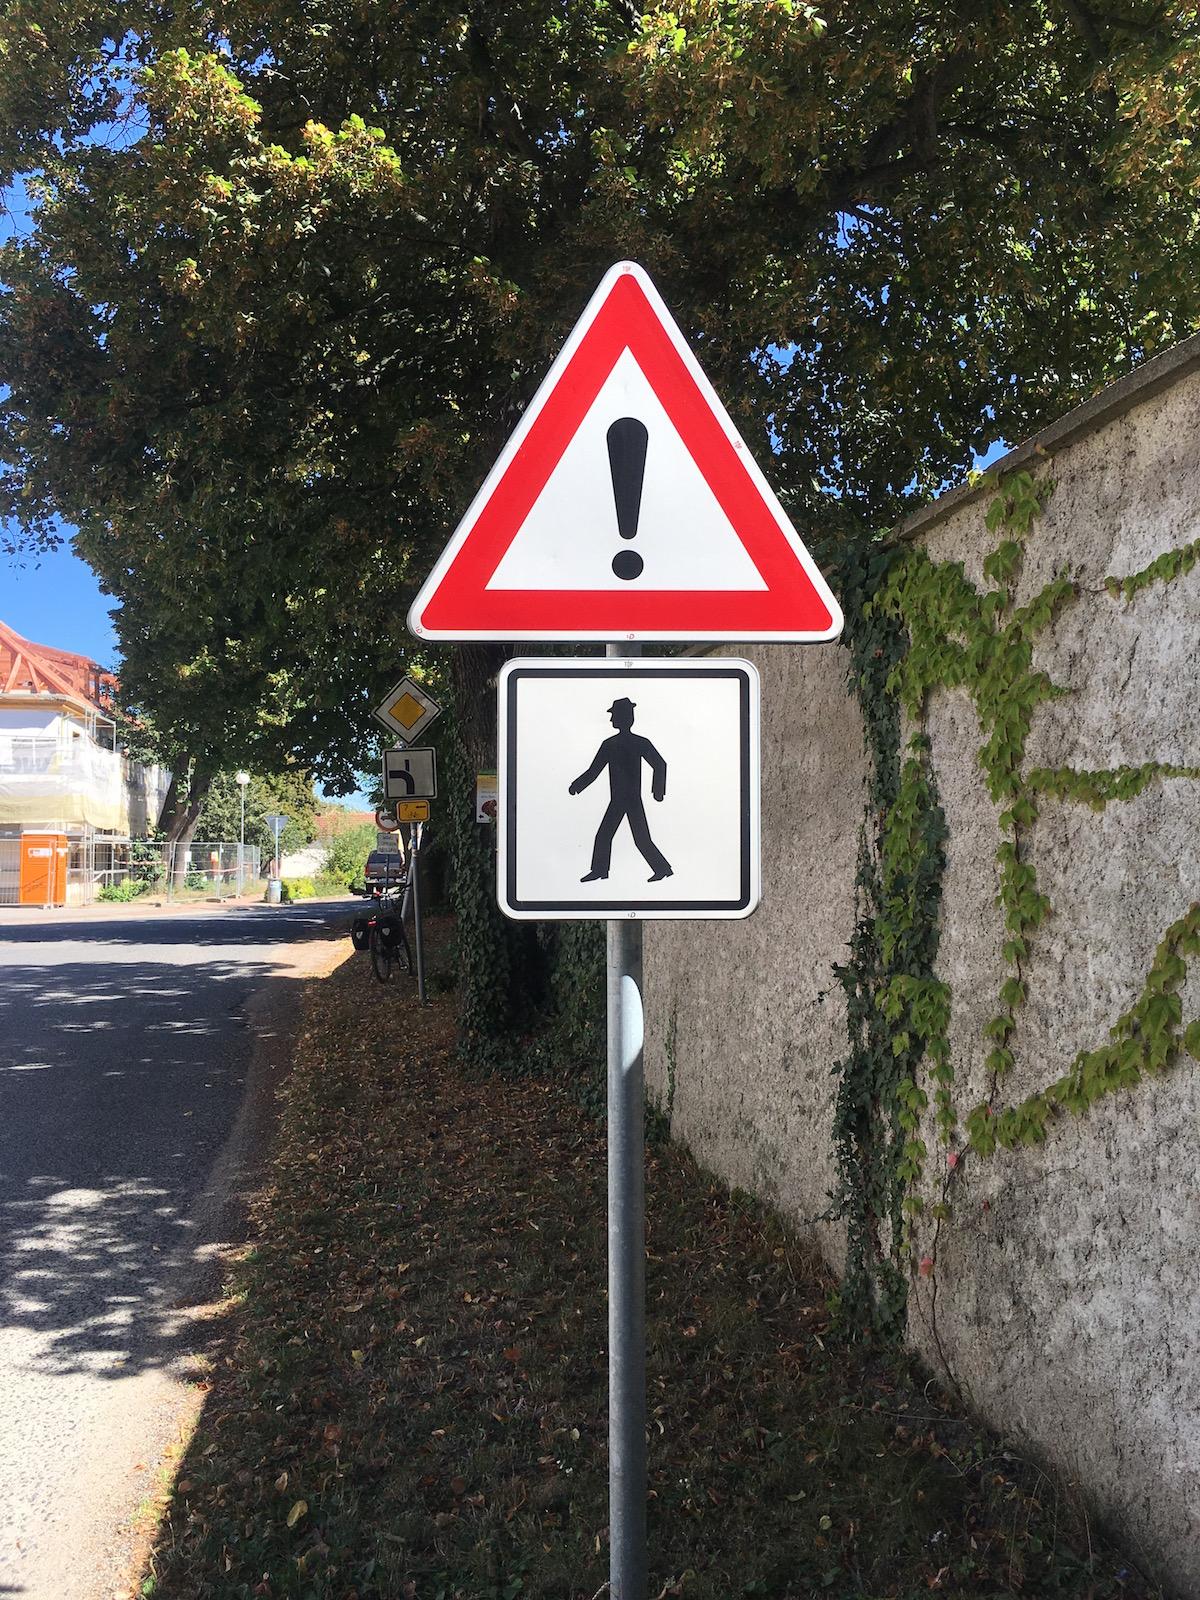 Verkehrsschild: Mann mit Warnausrufezeichen auf dem Kopf